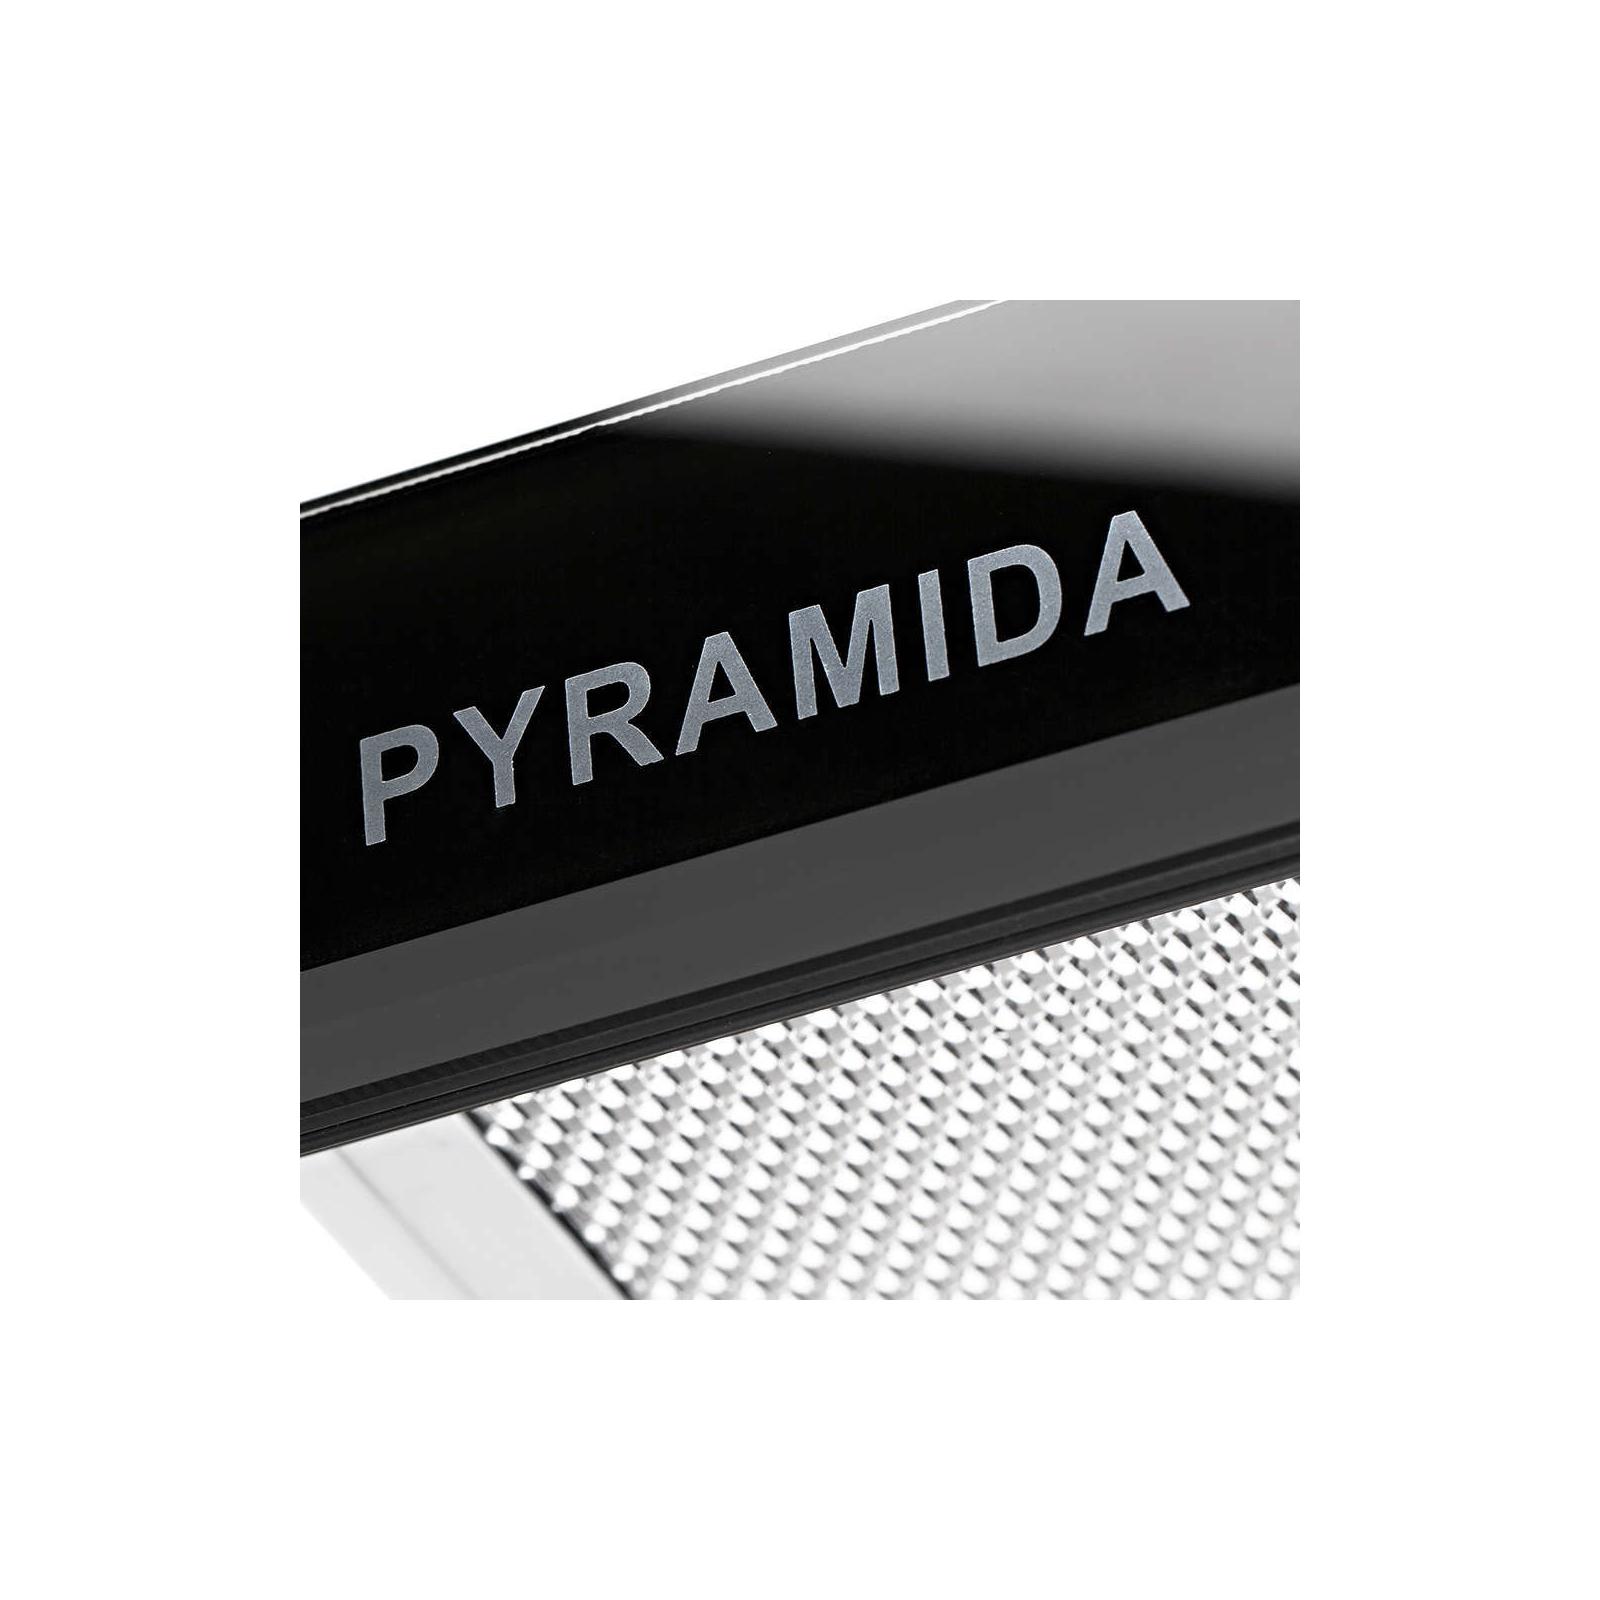 Вытяжка кухонная PYRAMIDA TL FULL GLASS 60 (1100) INOX BL/U изображение 7